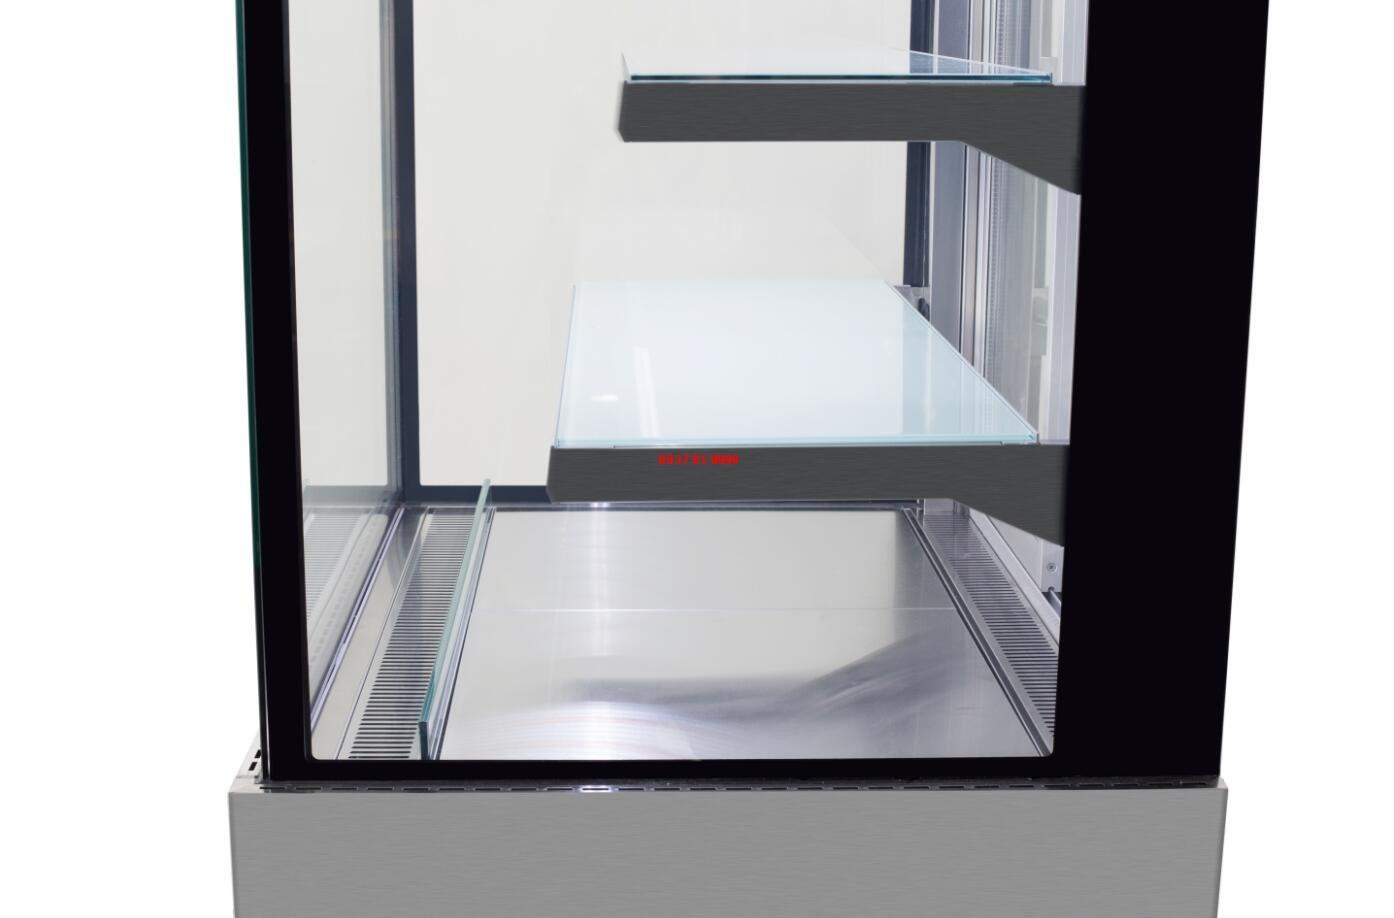 Tủ trưng bày bánh 1 tầng Turbo Air TBP900-1 - ảnh 2